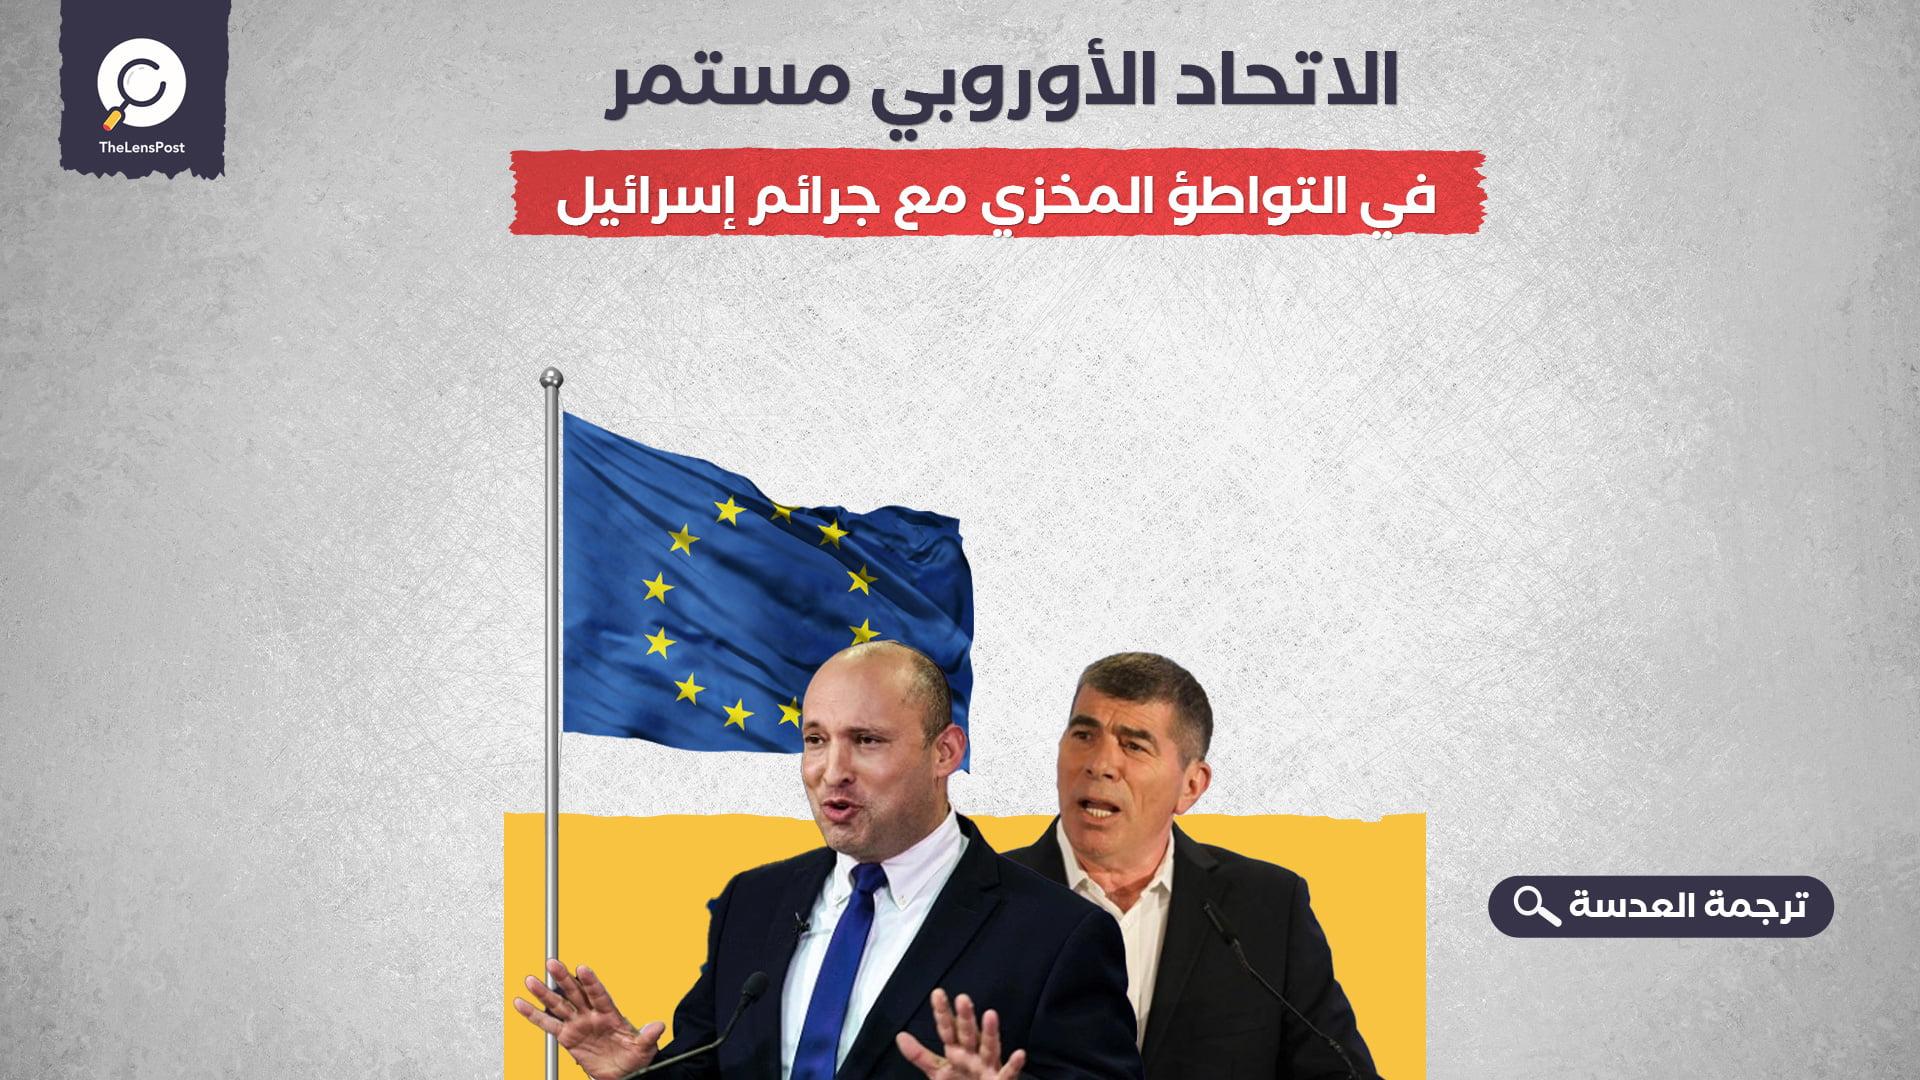 الاتحاد الأوروبي مستمر في التواطؤ المخزي مع جرائم إسرائيل